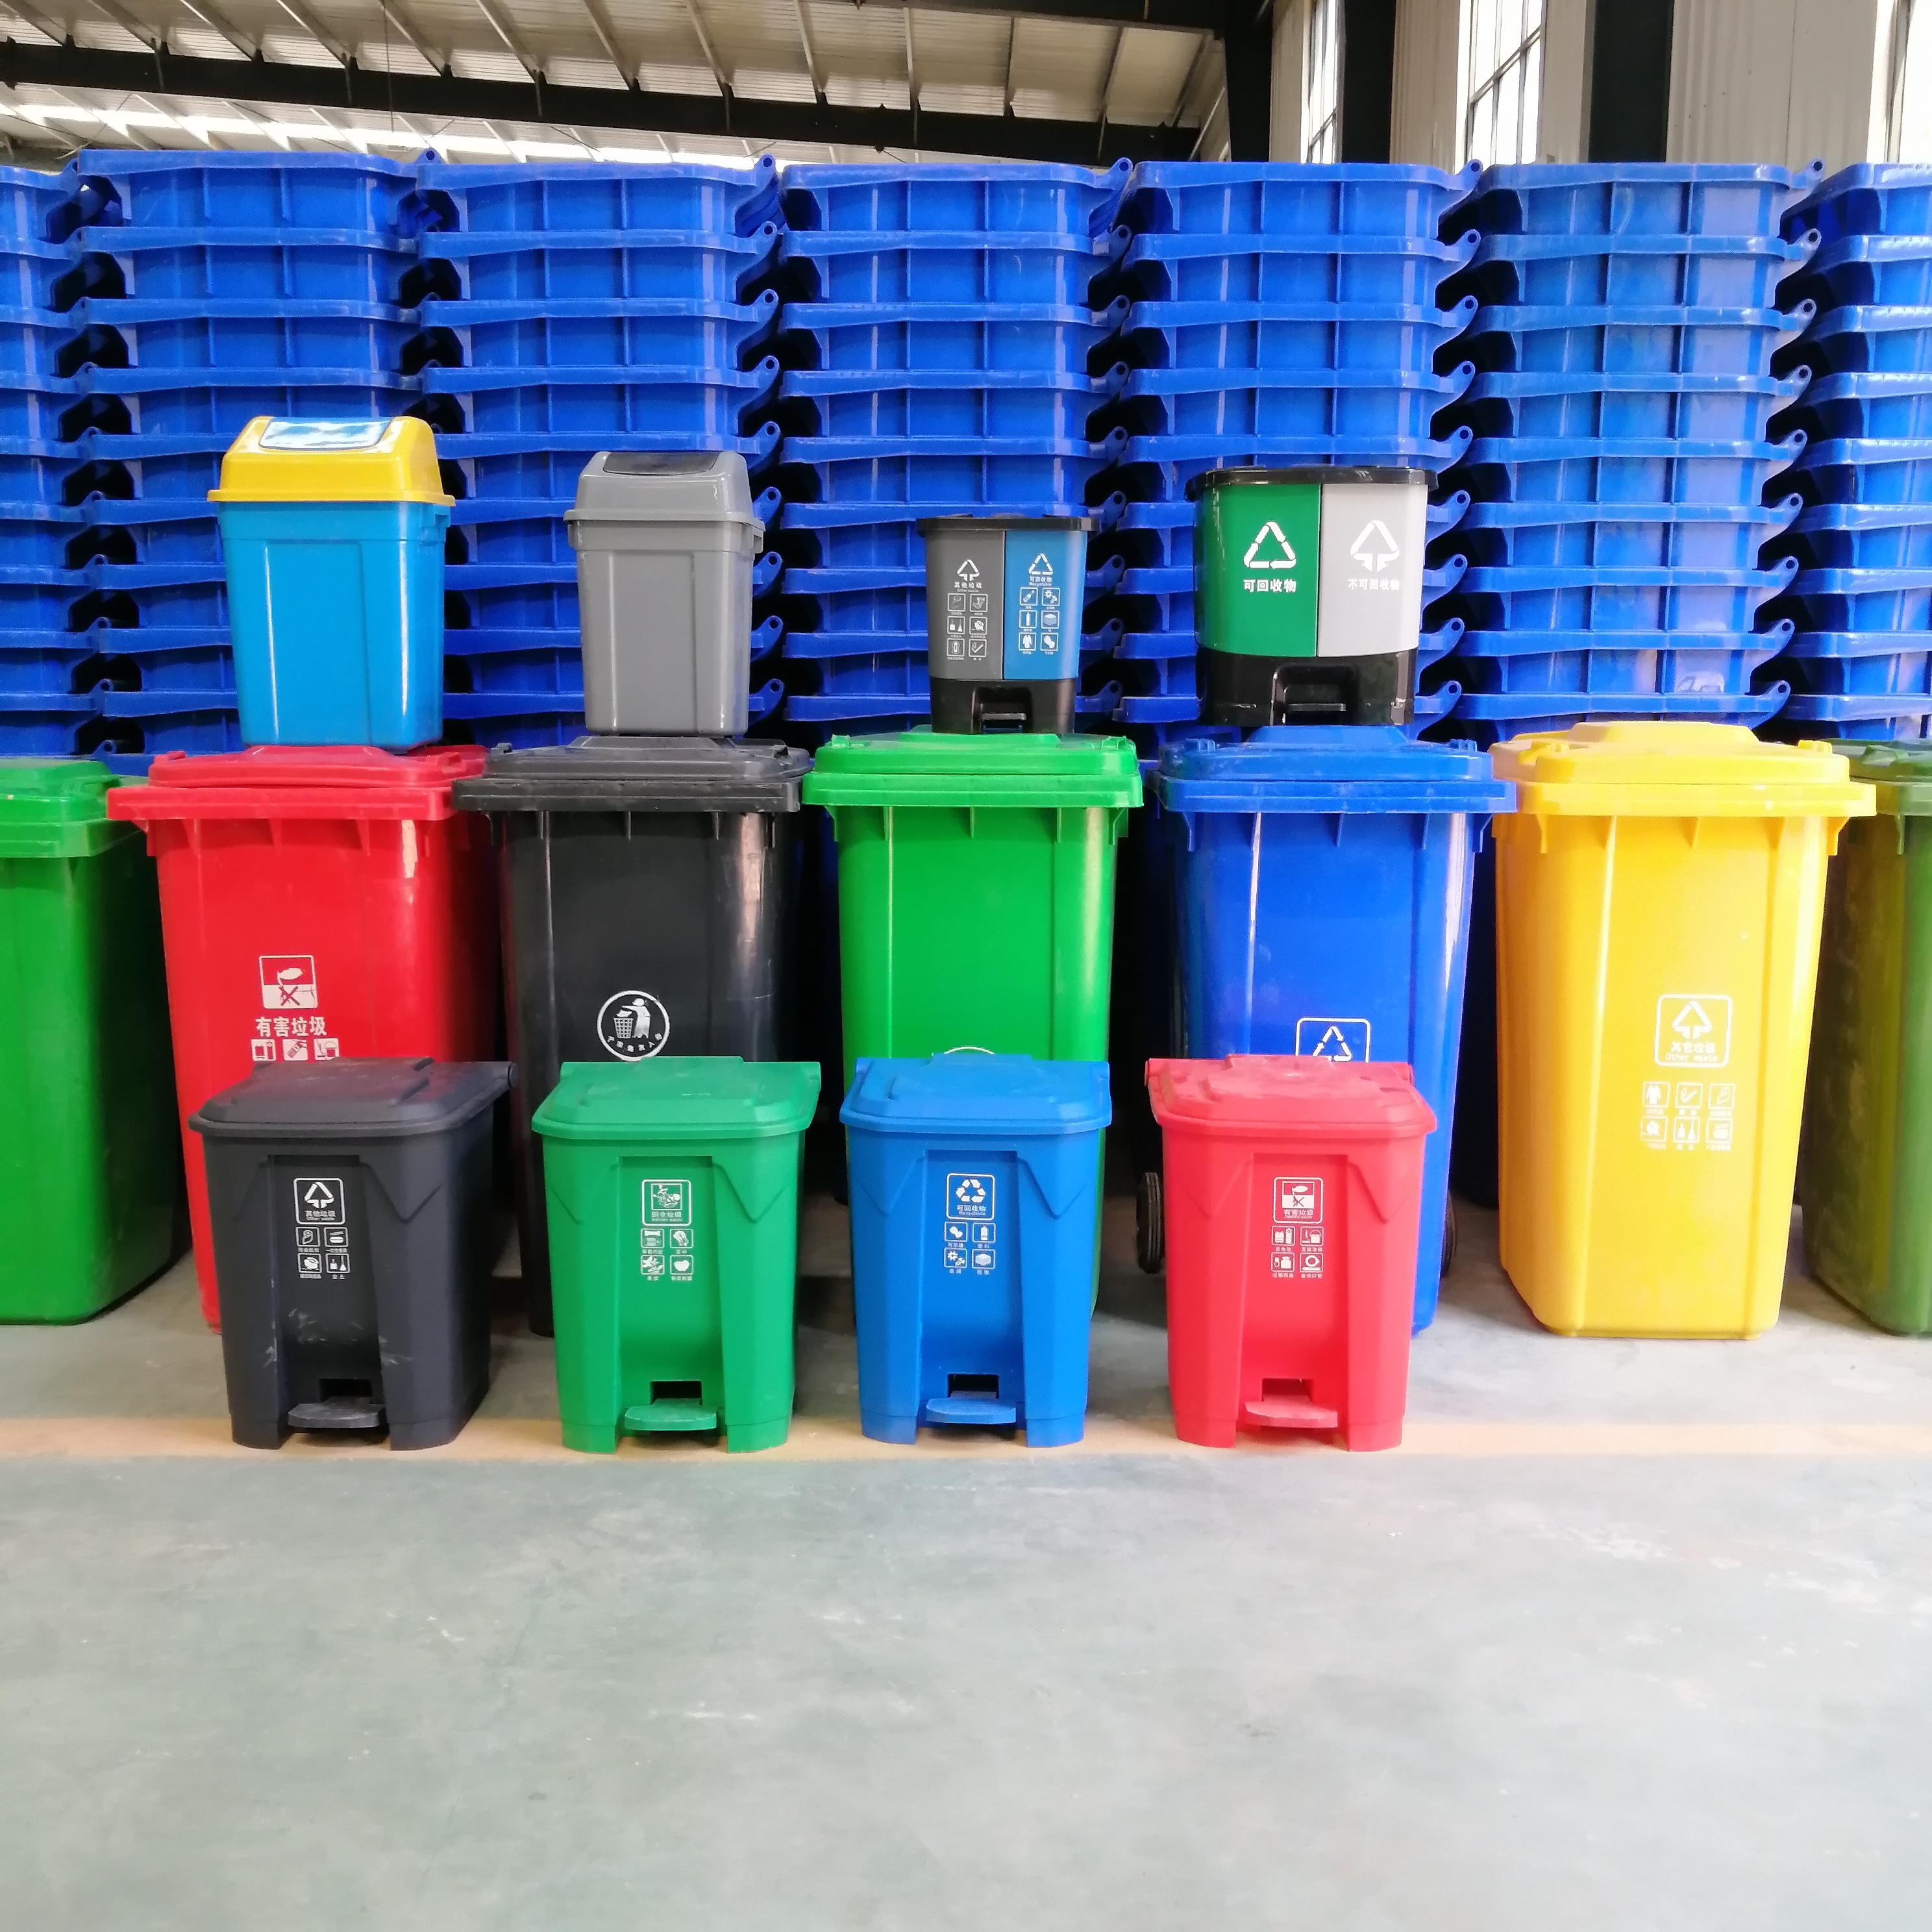 北京户外240L垃圾桶 市政街道四色分类垃圾桶 北京环卫垃圾桶生产供应厂家